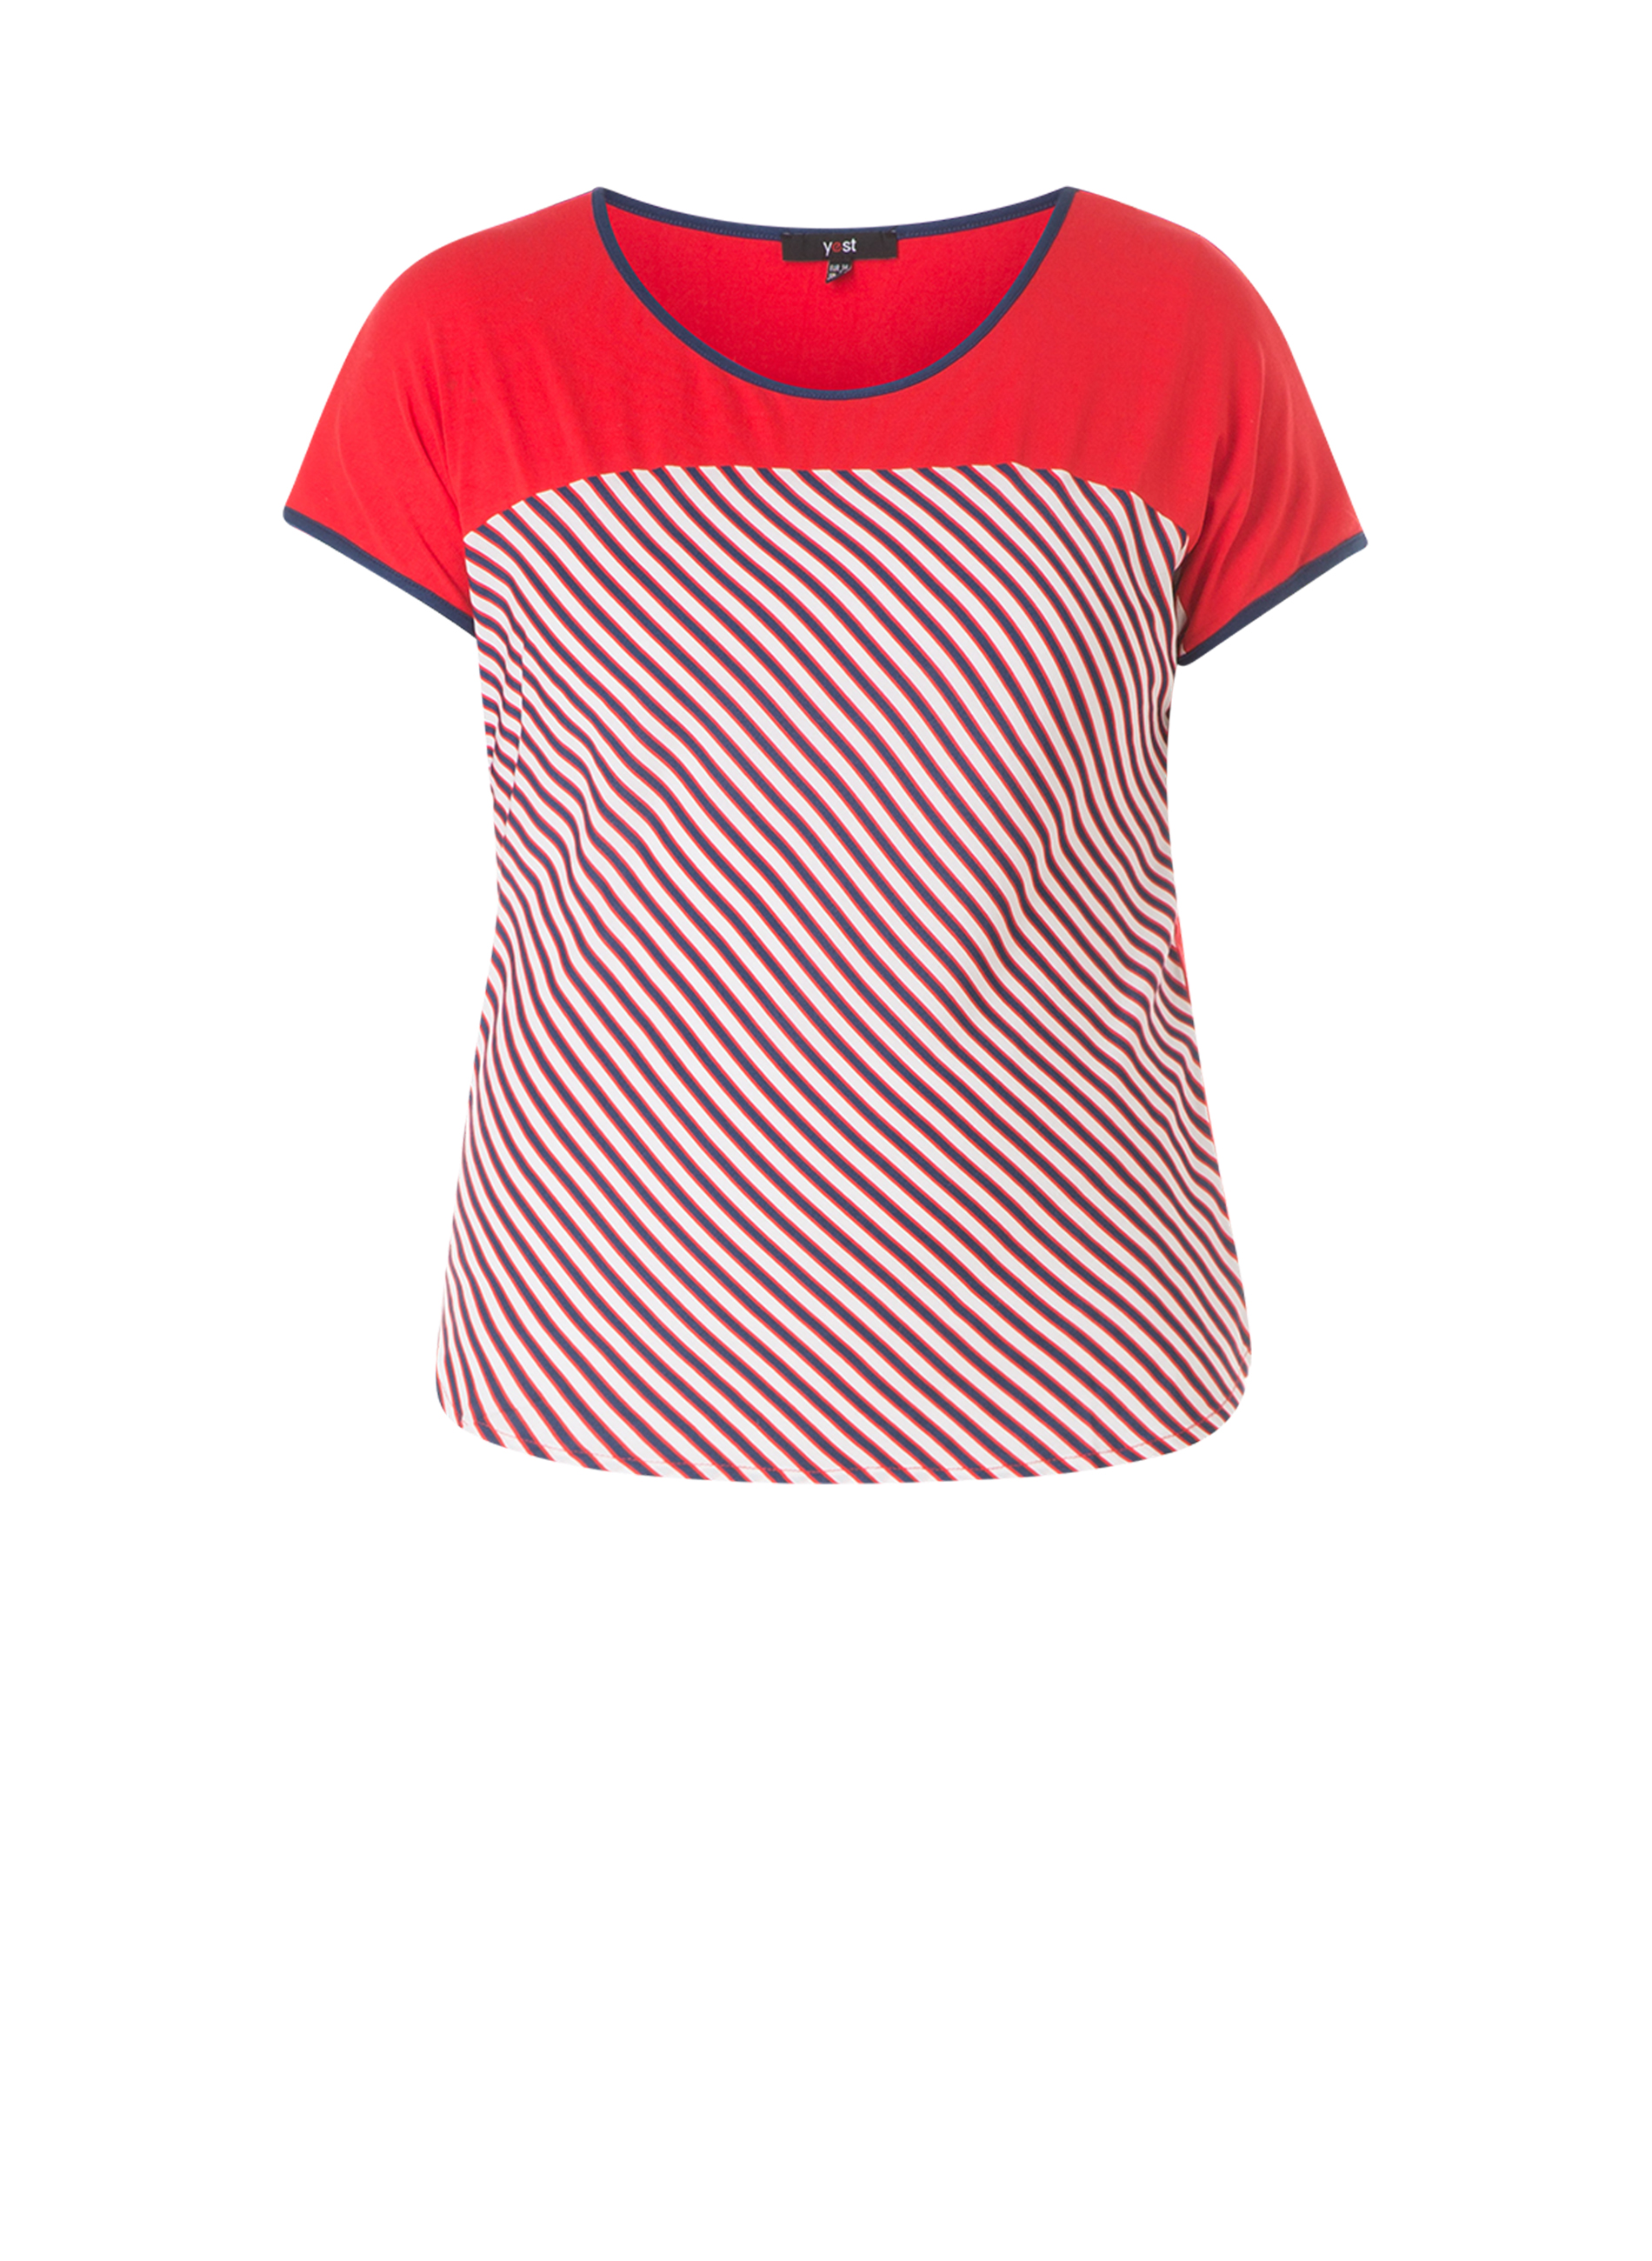 Shirt Gonda Yesta 64 CM